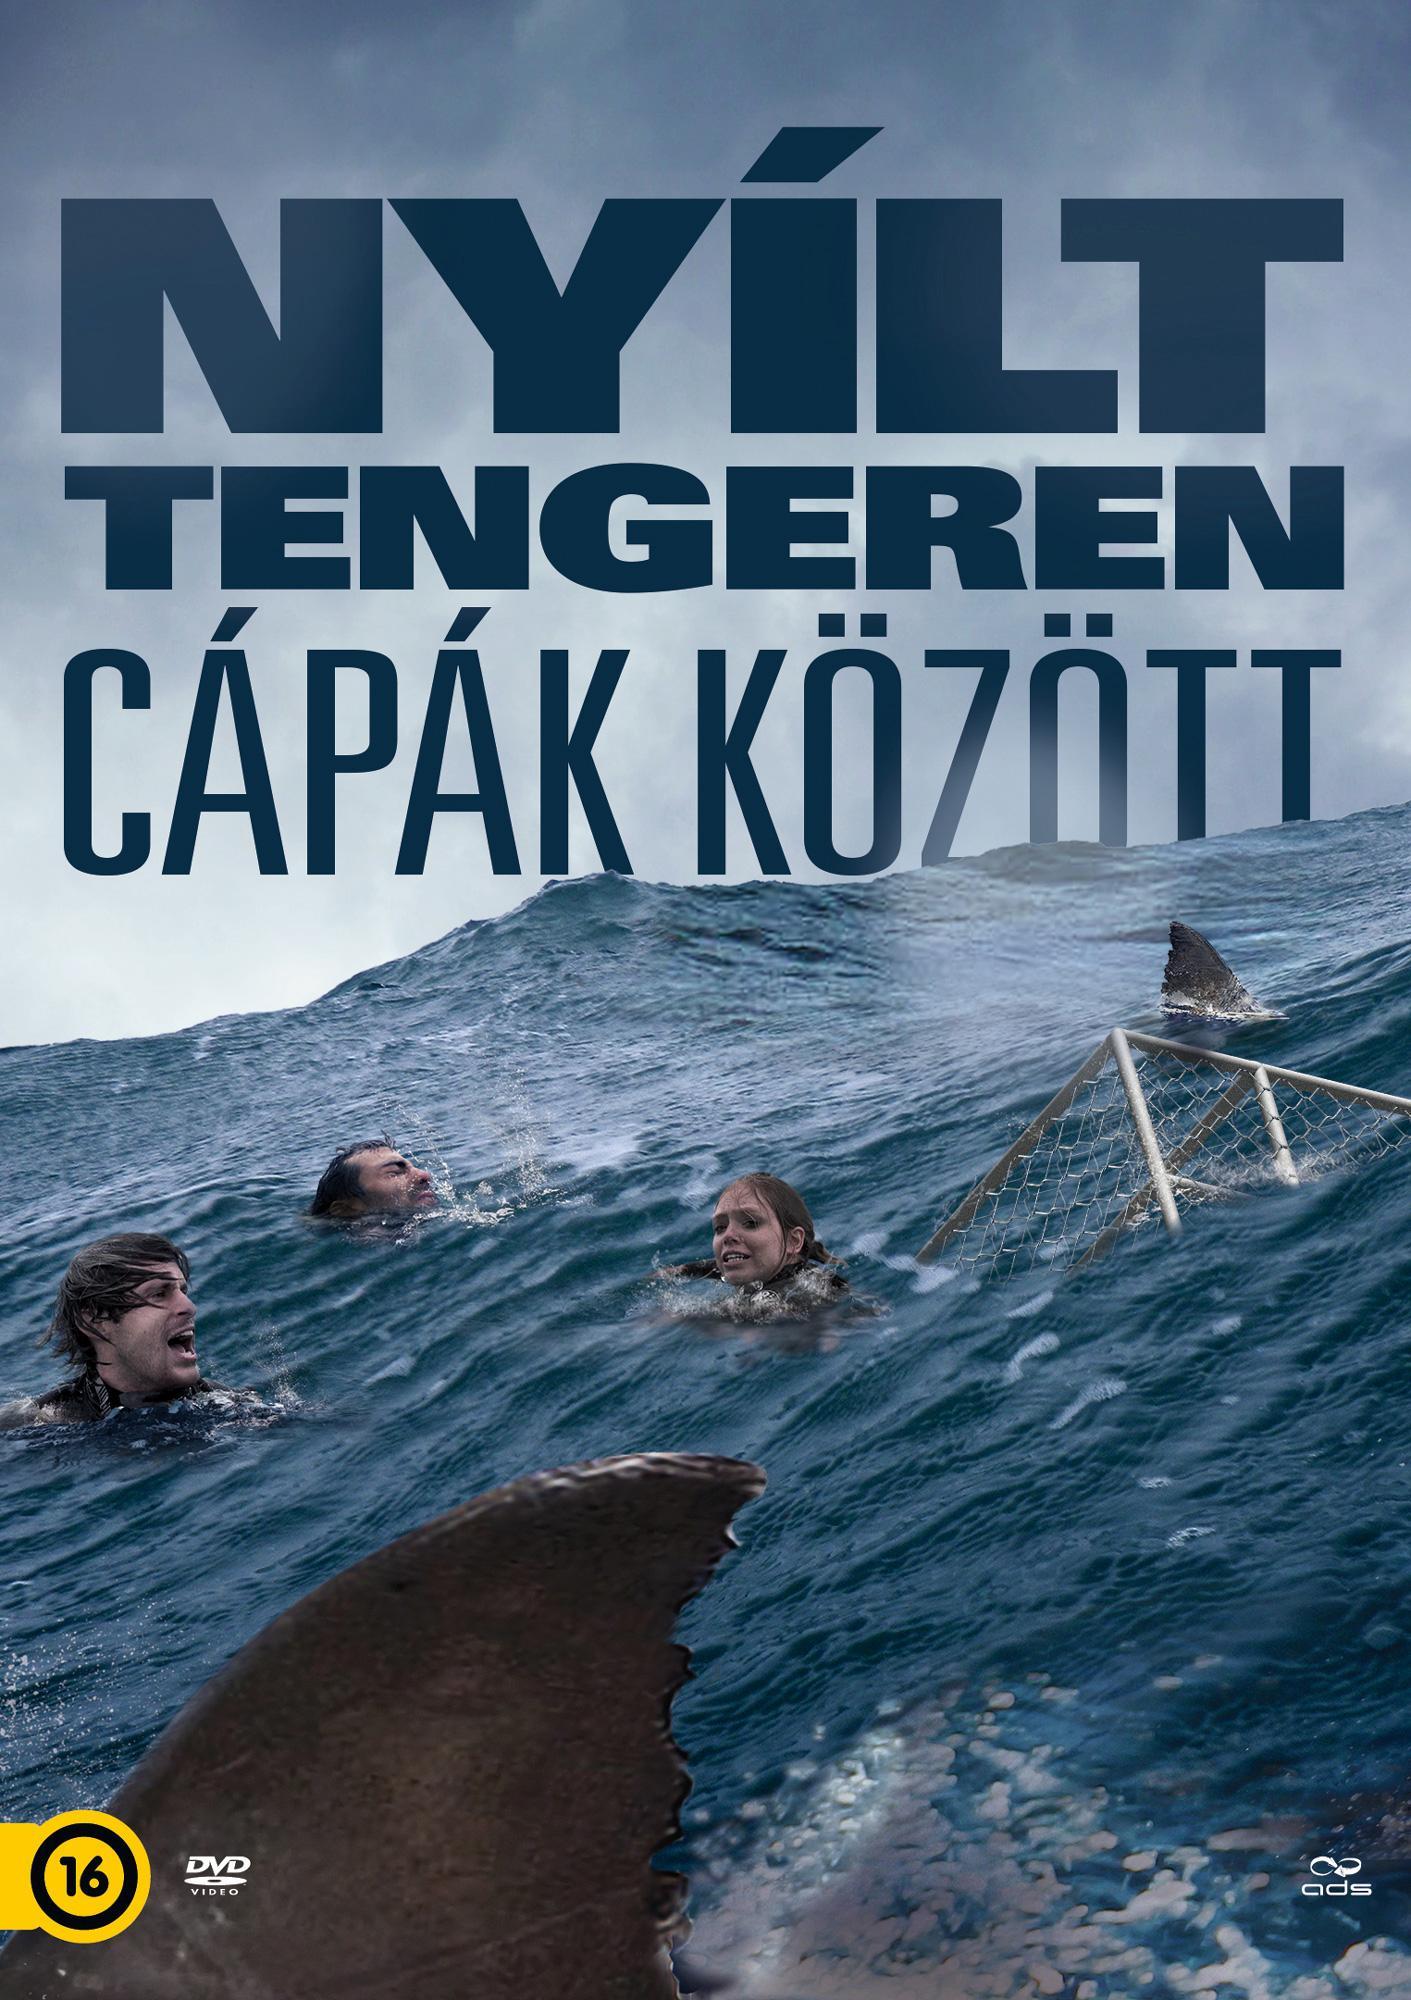 - NYÍLT TENGEREN - CÁPÁK KÖZÖTT - DVD -